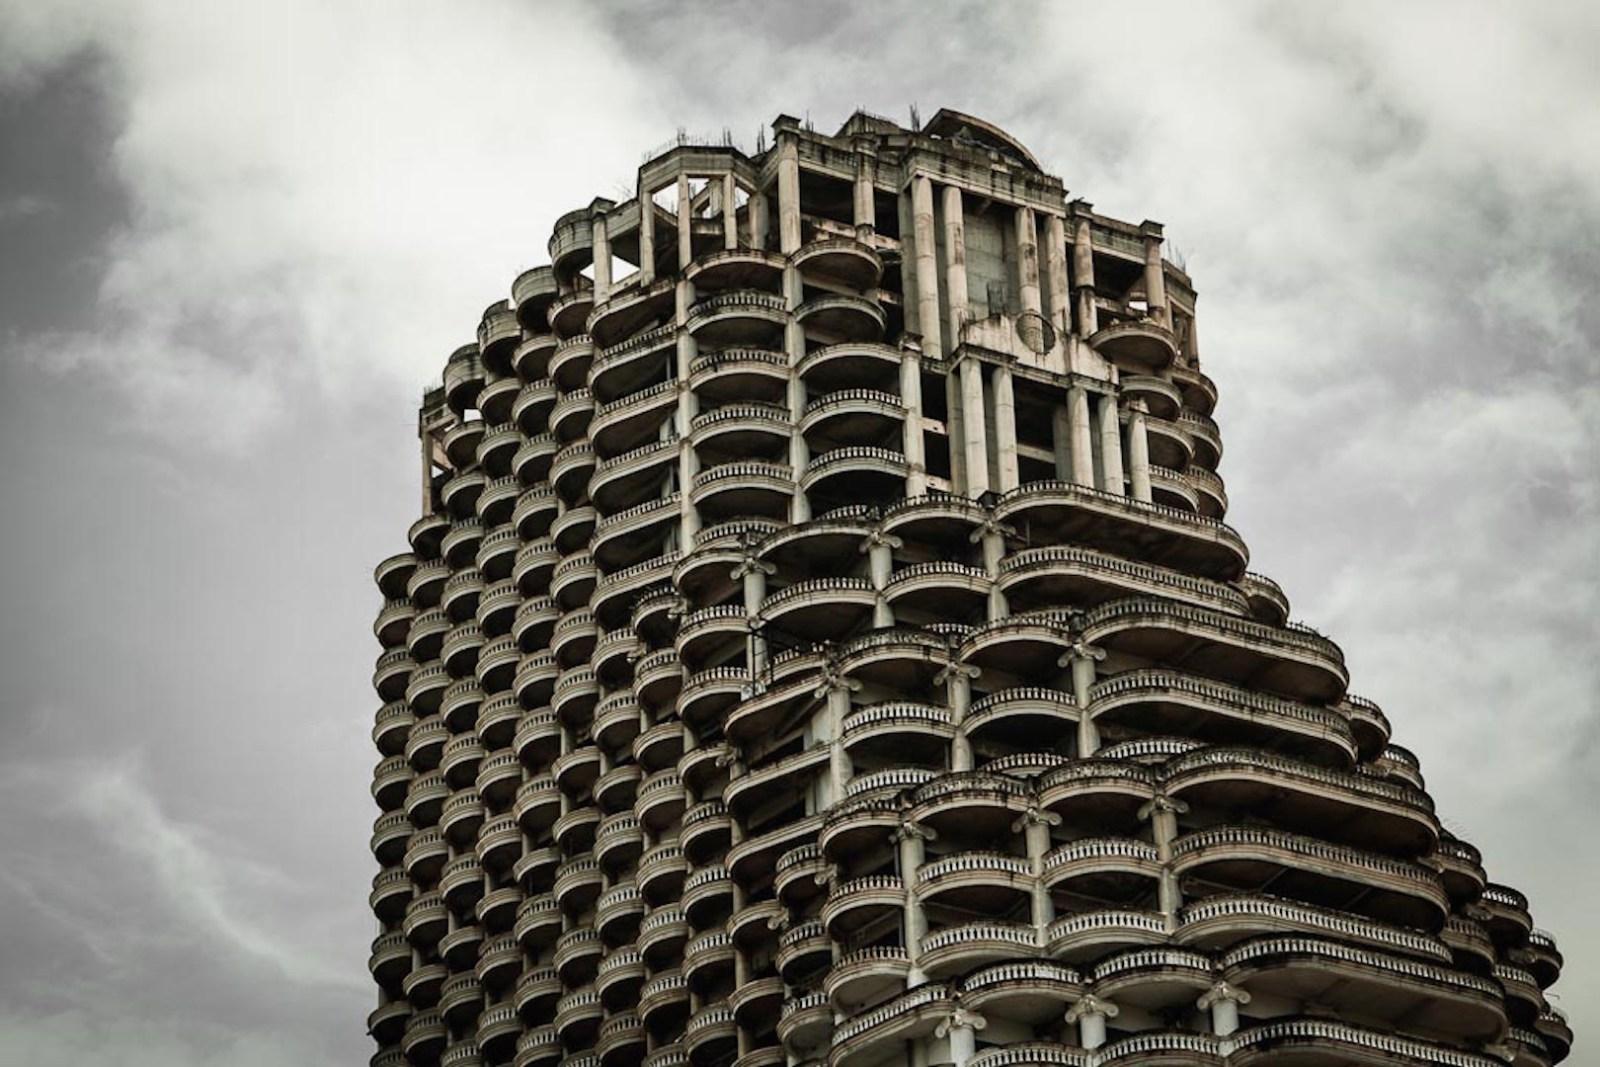 Abandoned Luxury Residence